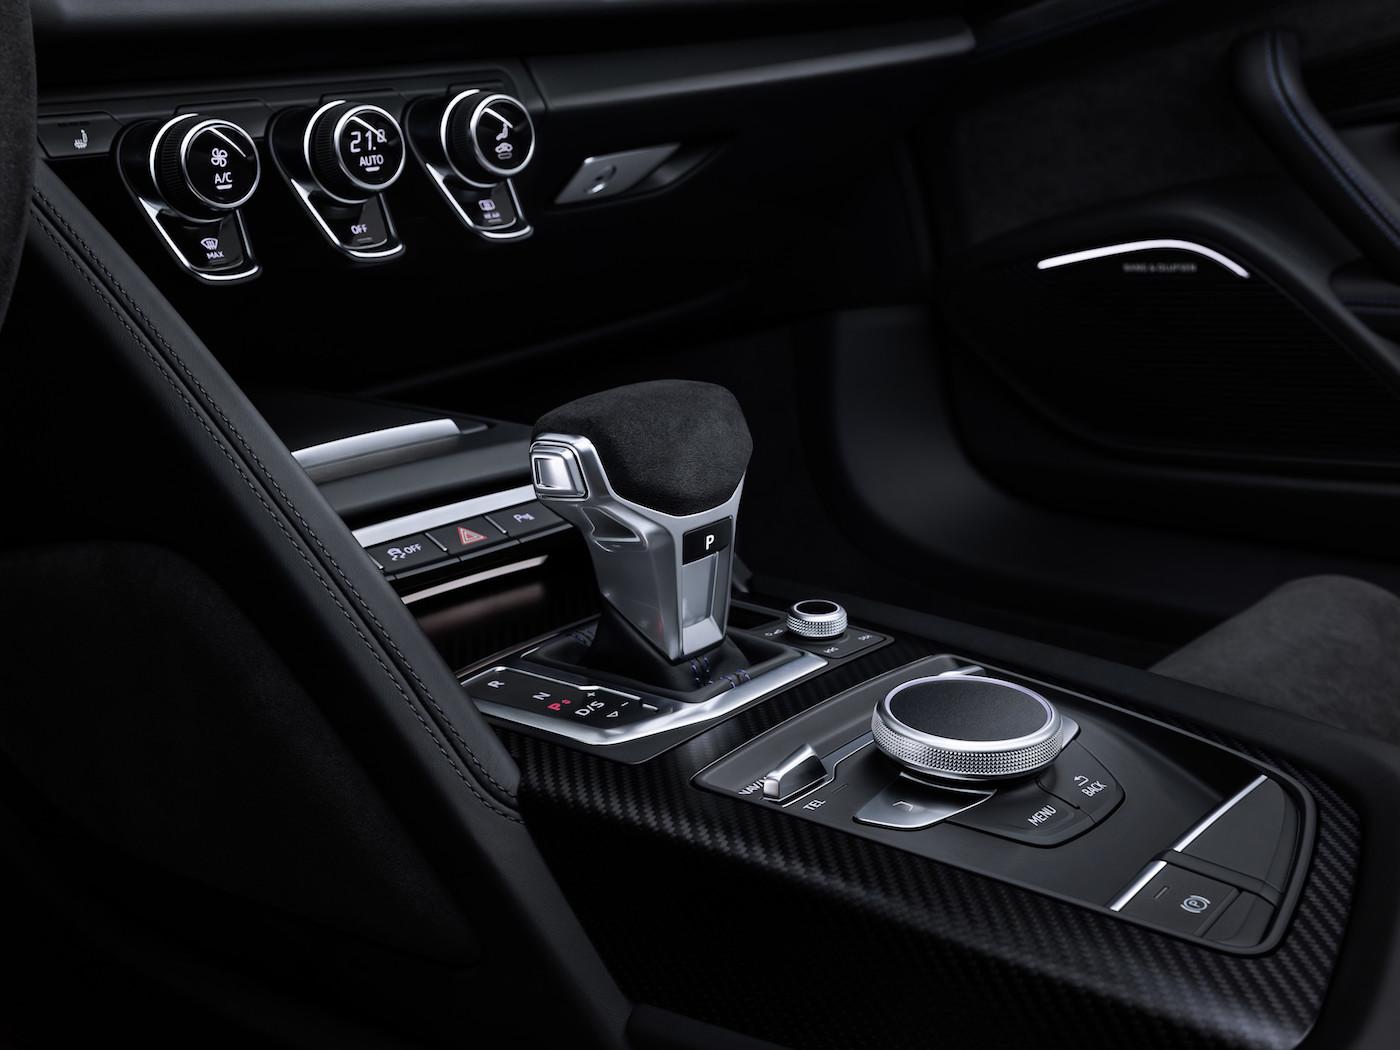 Schneller & schärfer: Das ist der neue Audi R8 7